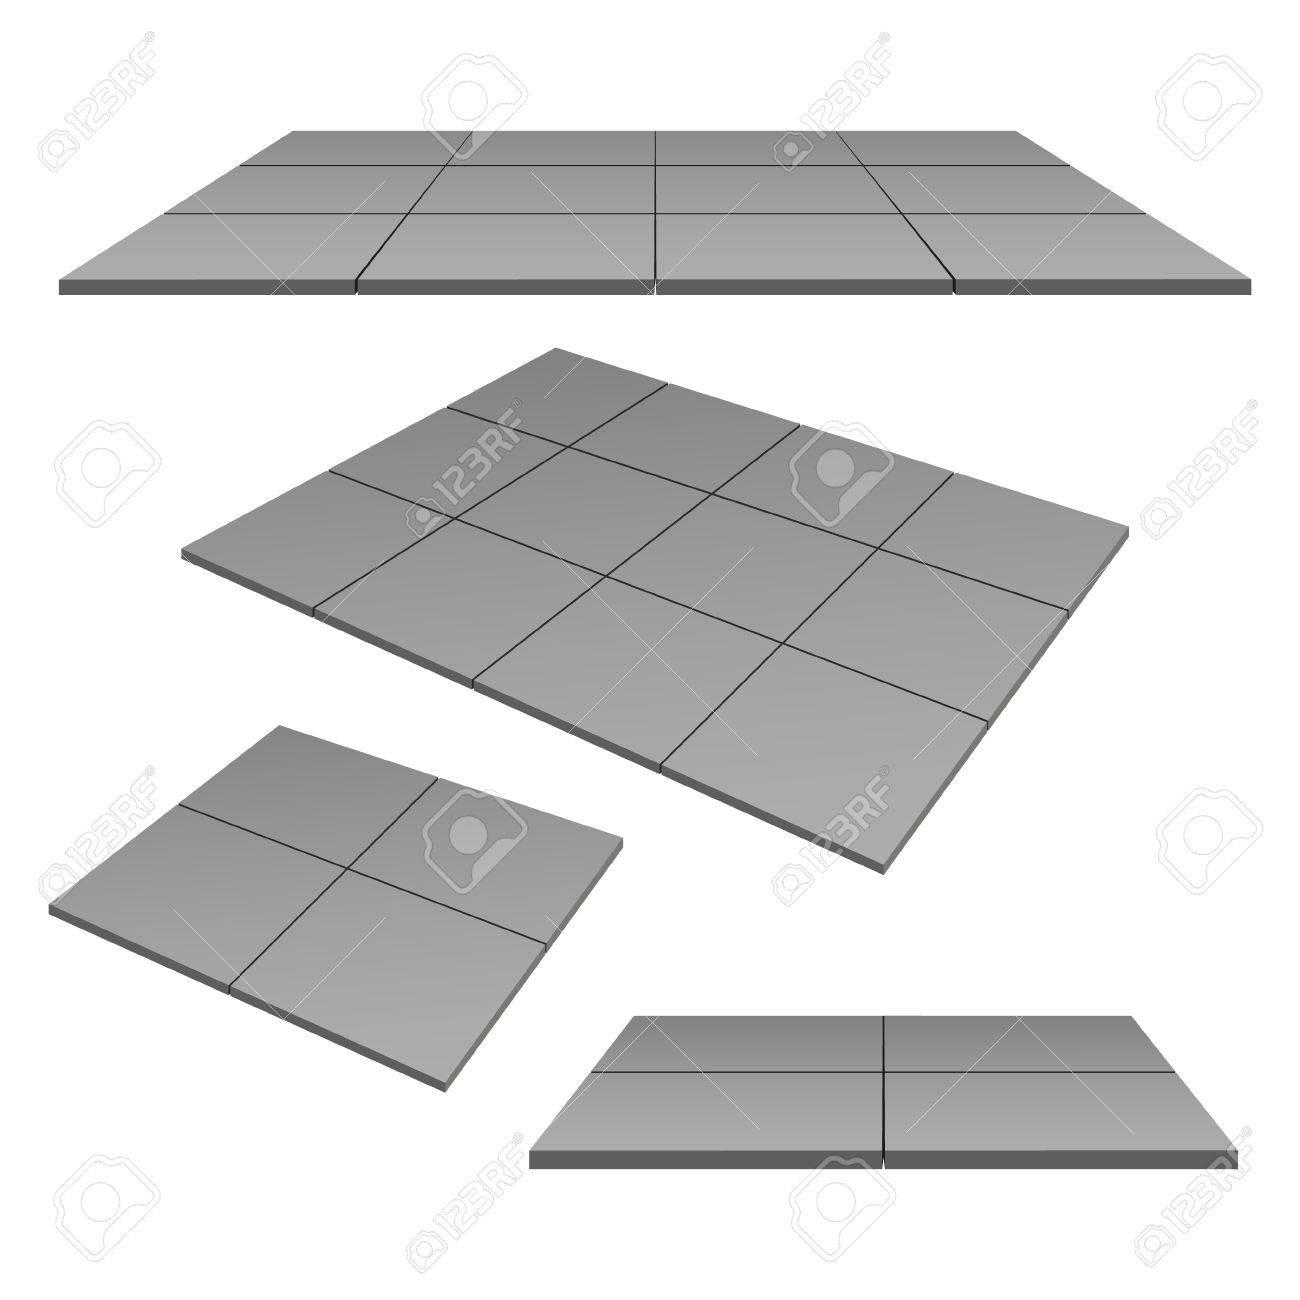 Außen Quadratischen Fliesen Farbe Grau. Vektor-Illustration ...